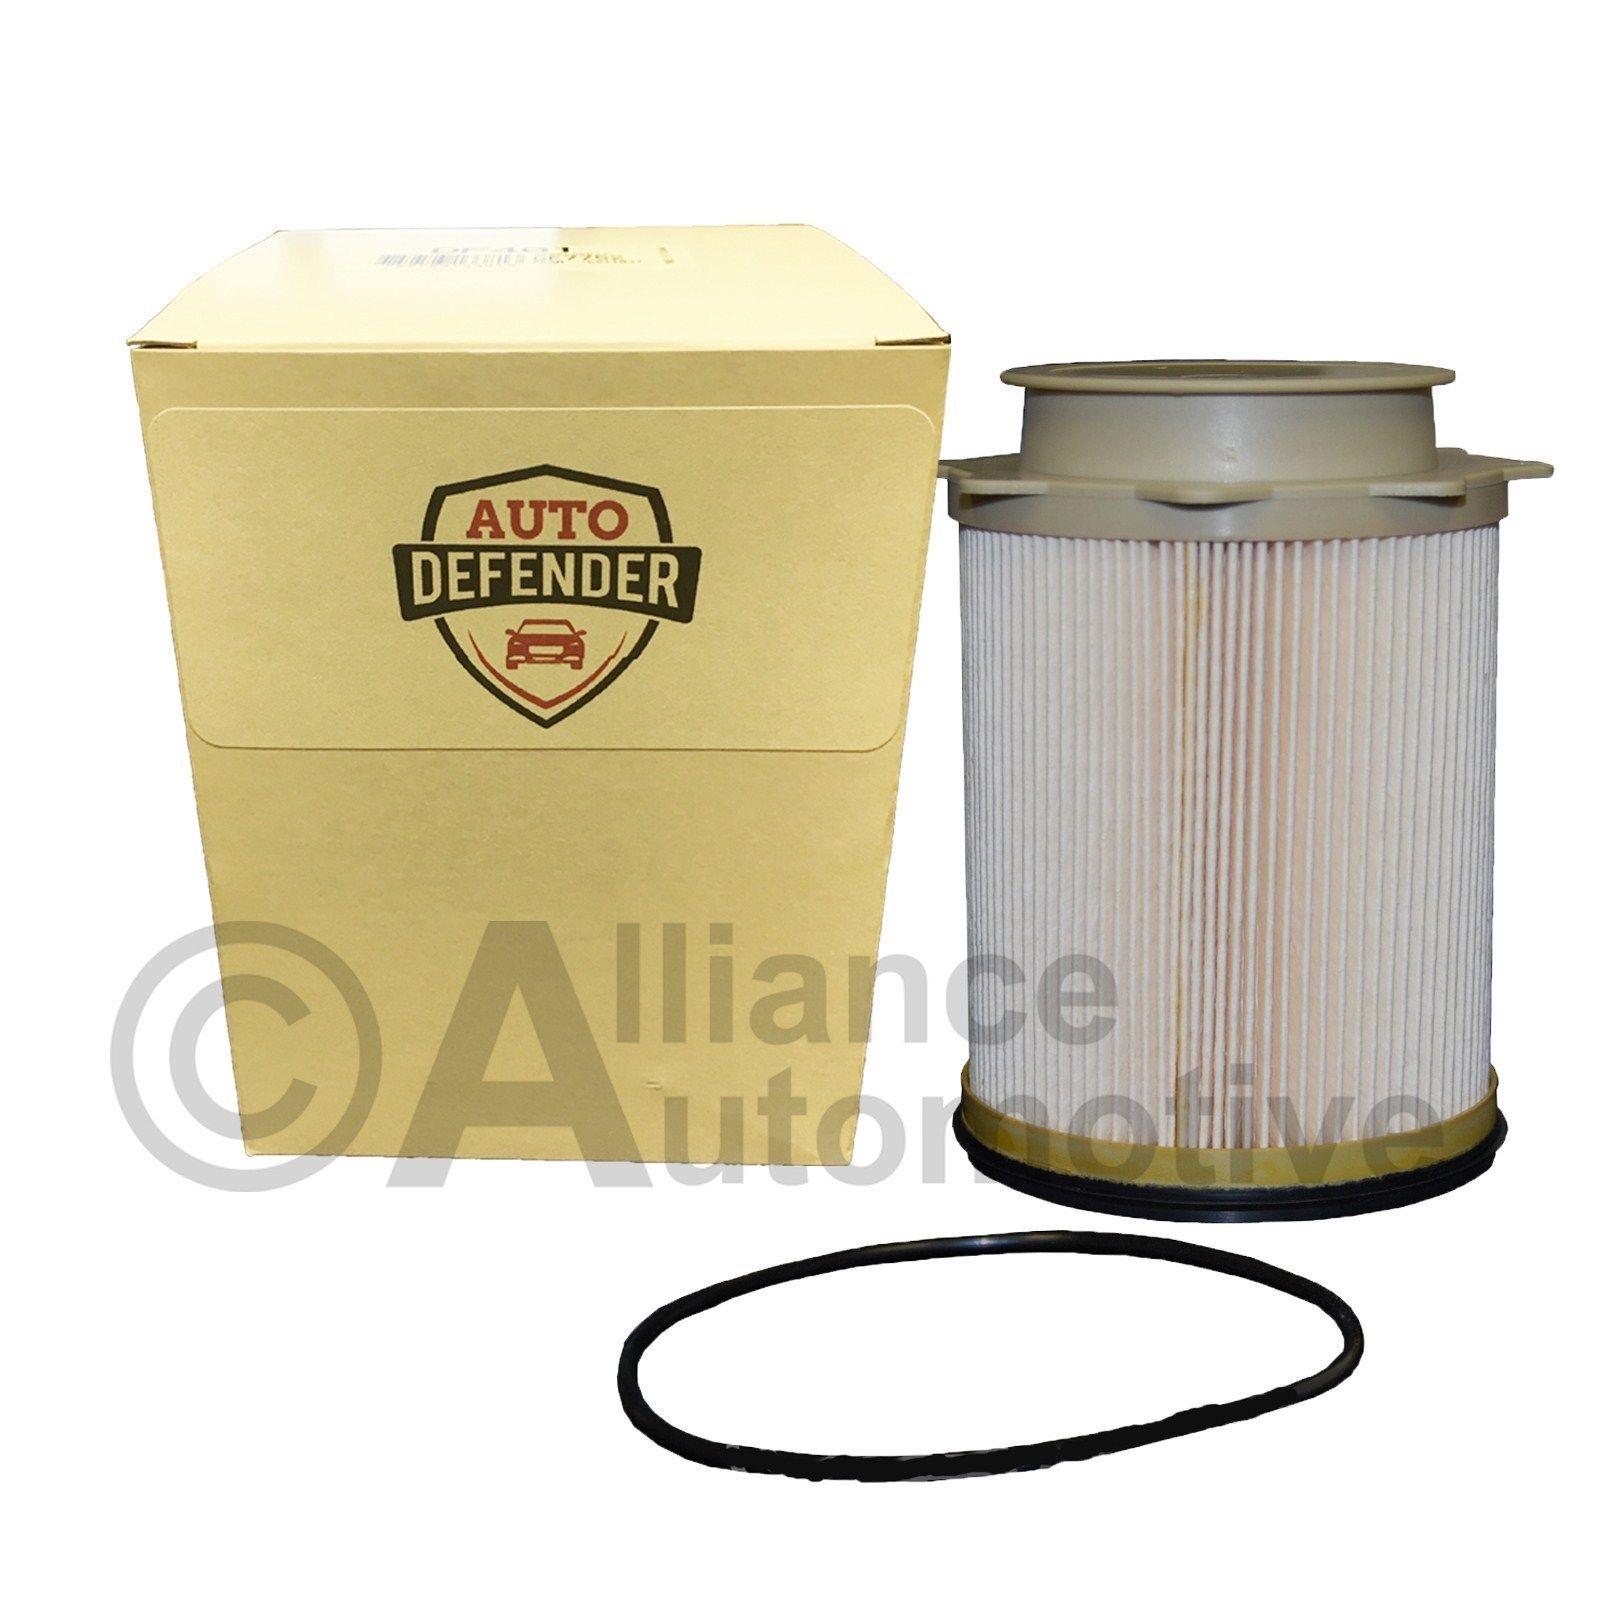 1 diesel fuel filter fits 10 16 dodge ram cummins 6 7l turbo front cummins turbo front dodge fits fuel filter diesel [ 1600 x 1600 Pixel ]